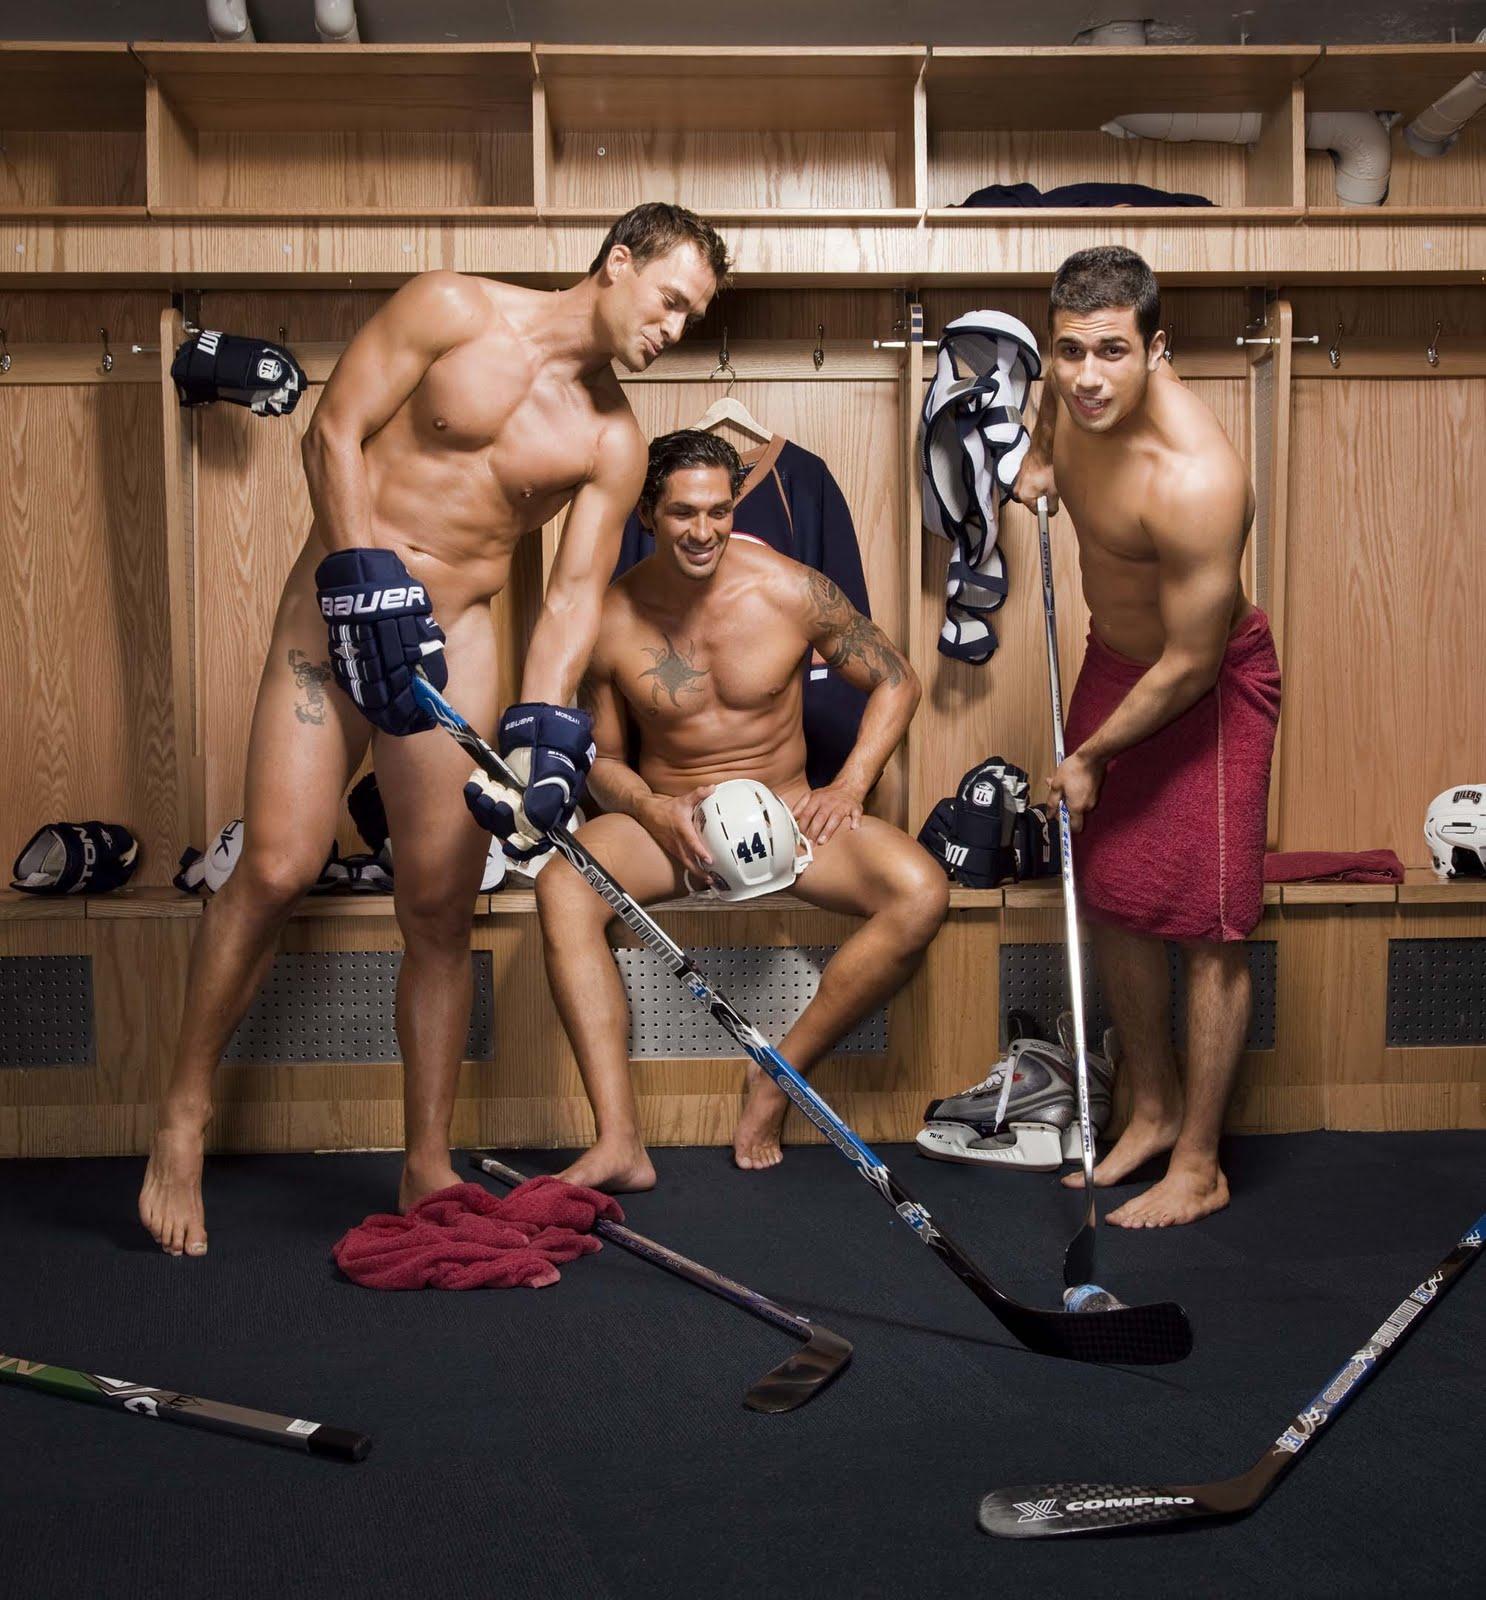 начал спортивный секс мужик делах